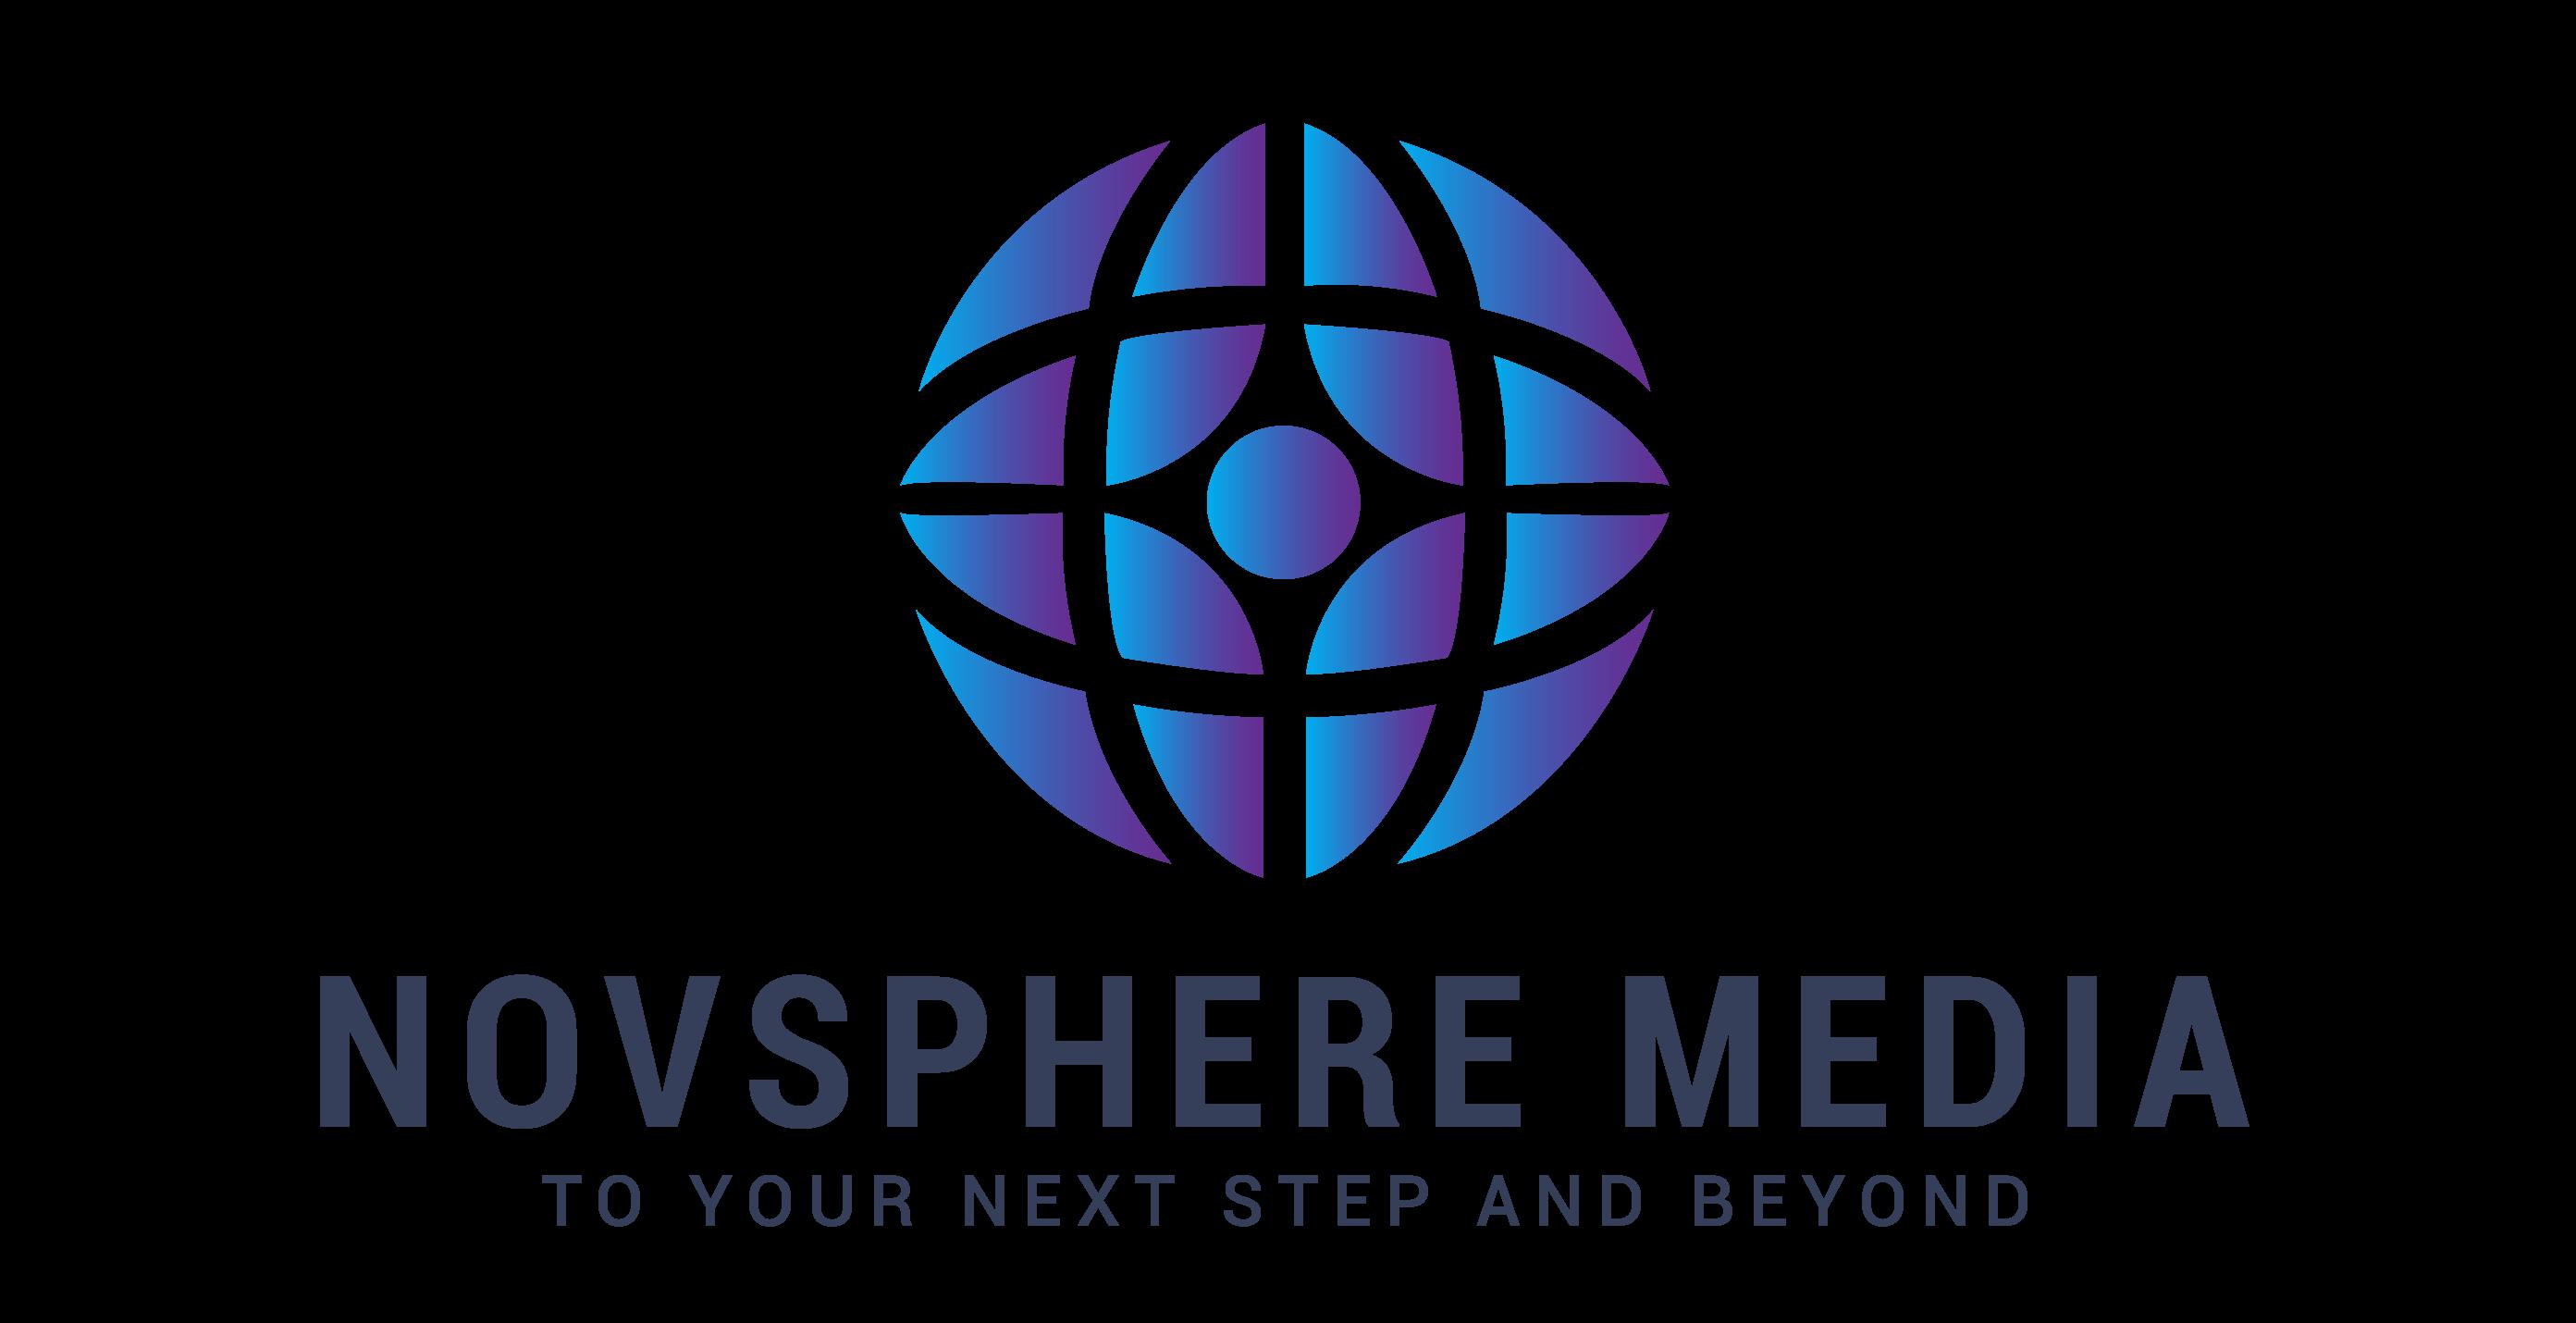 Novsphere media 3 01